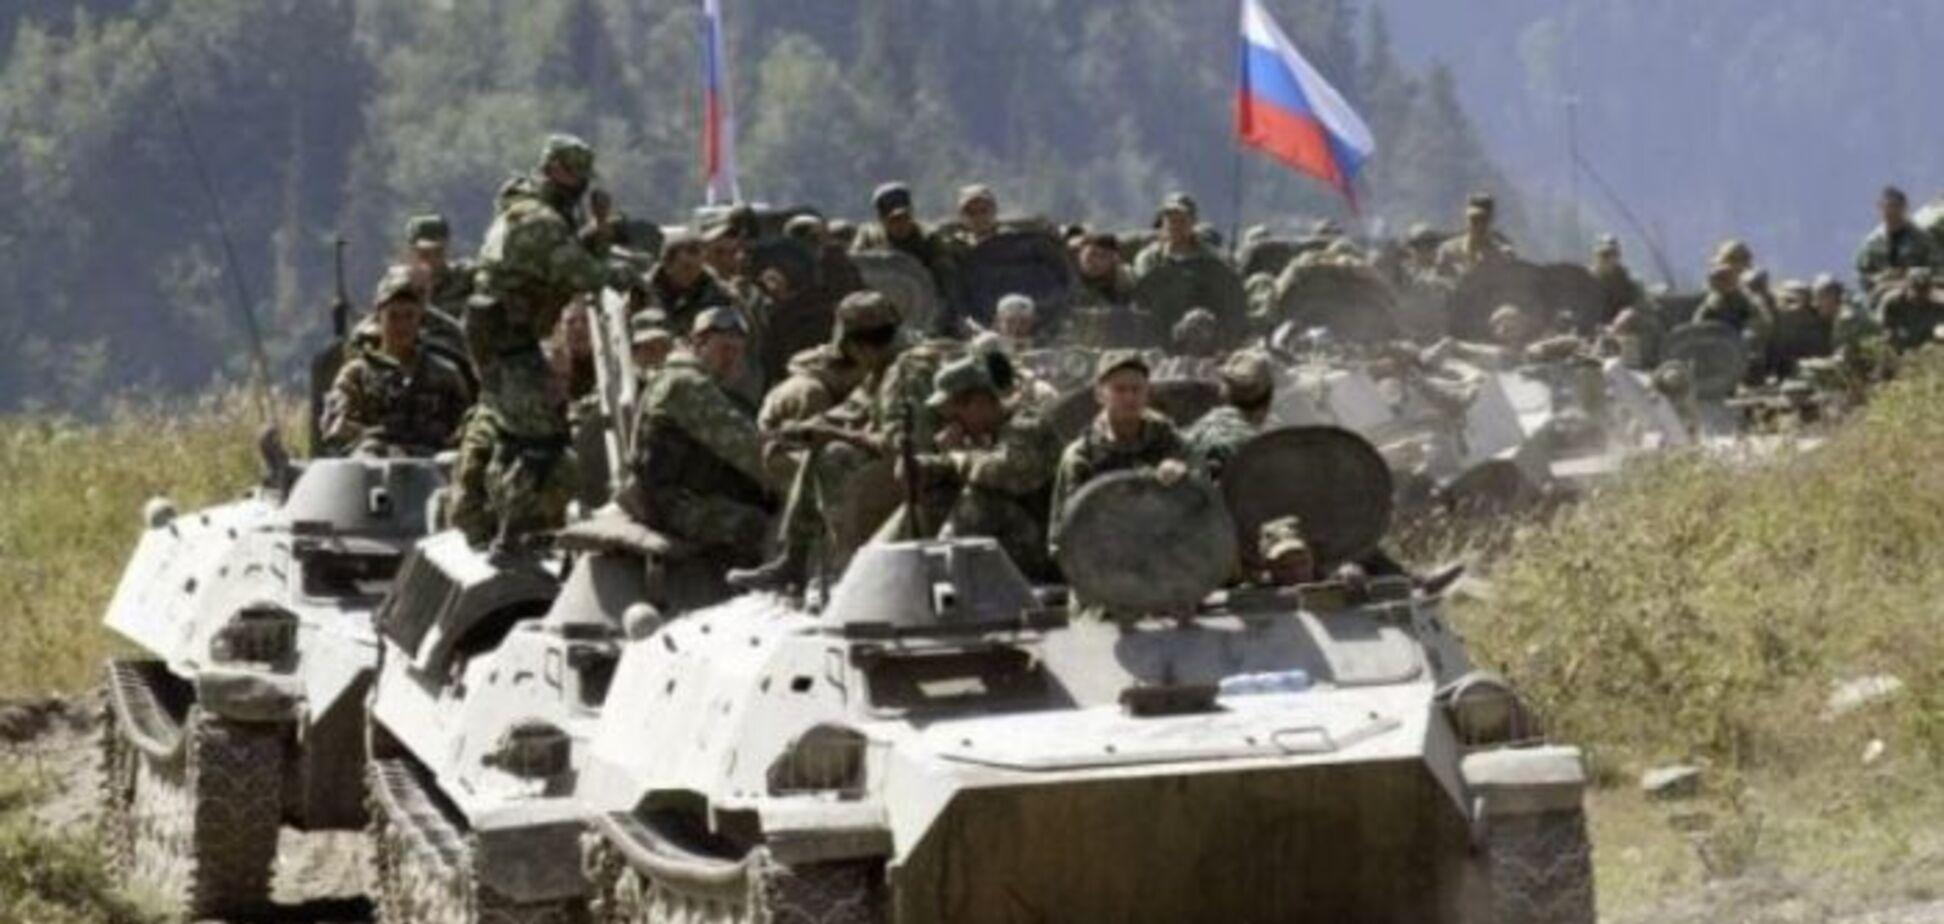 Білорусь під окупацією? Фельгенгауер розповів, чого чекати Україні від РФ у серпні